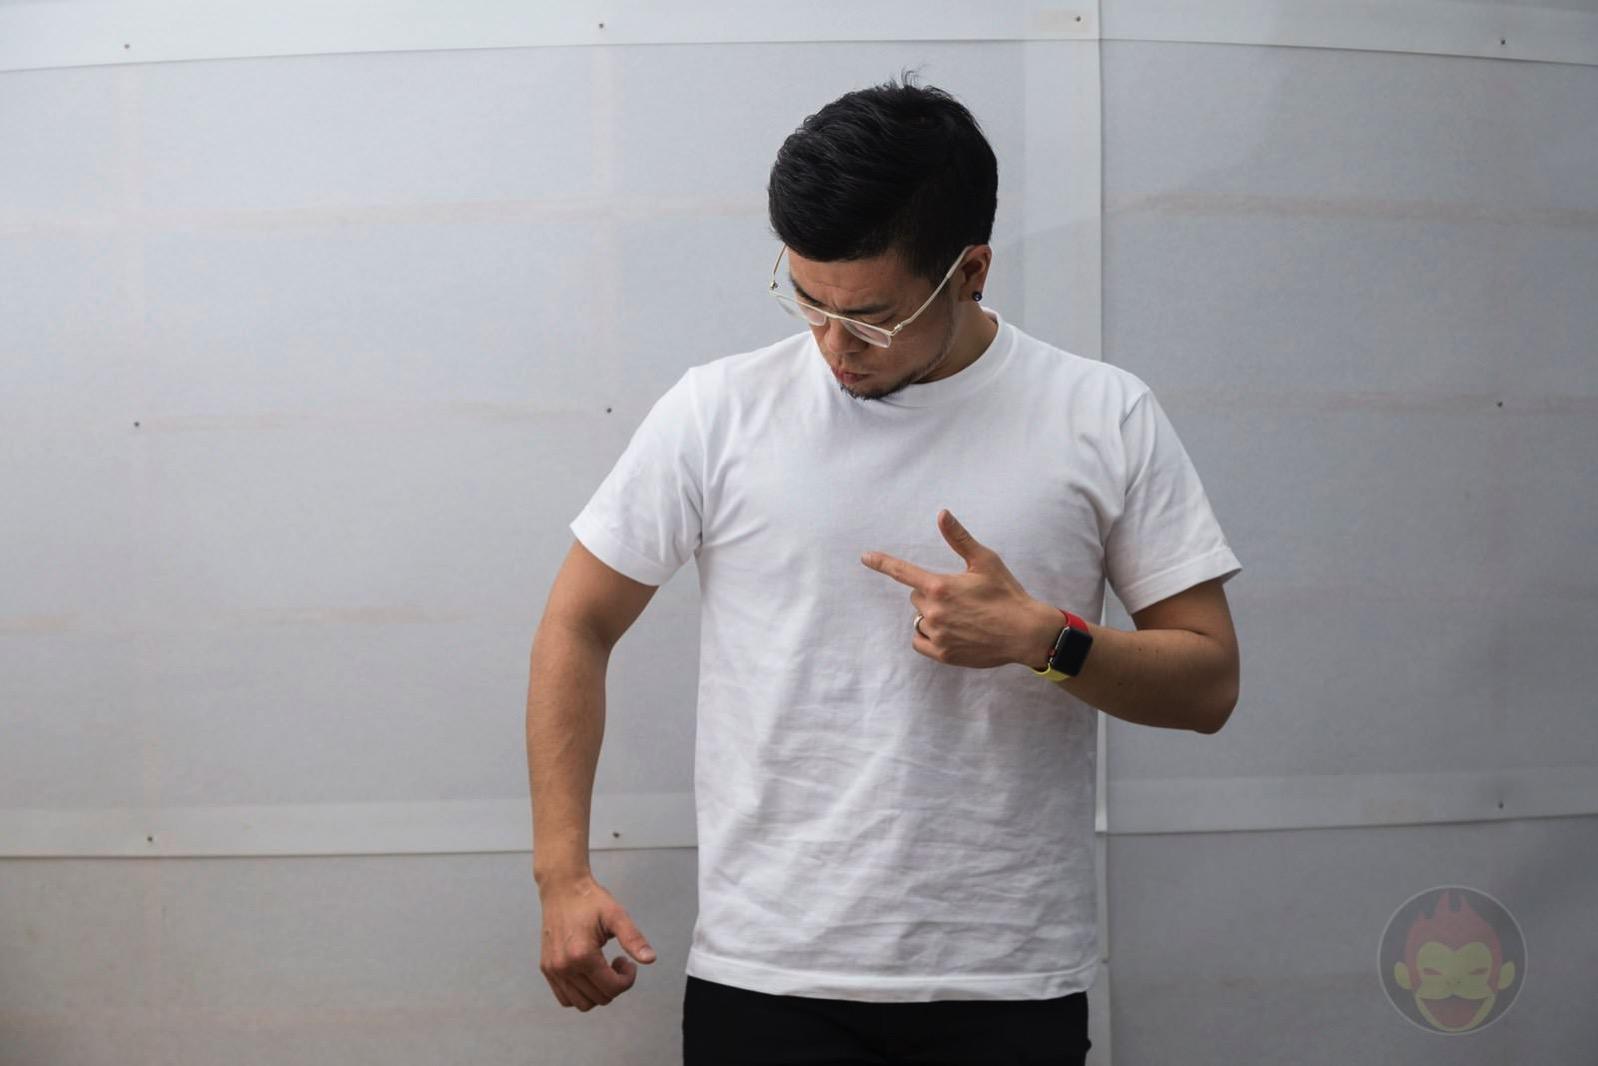 白いTシャツを着ると乳首が目立ちすぎる件